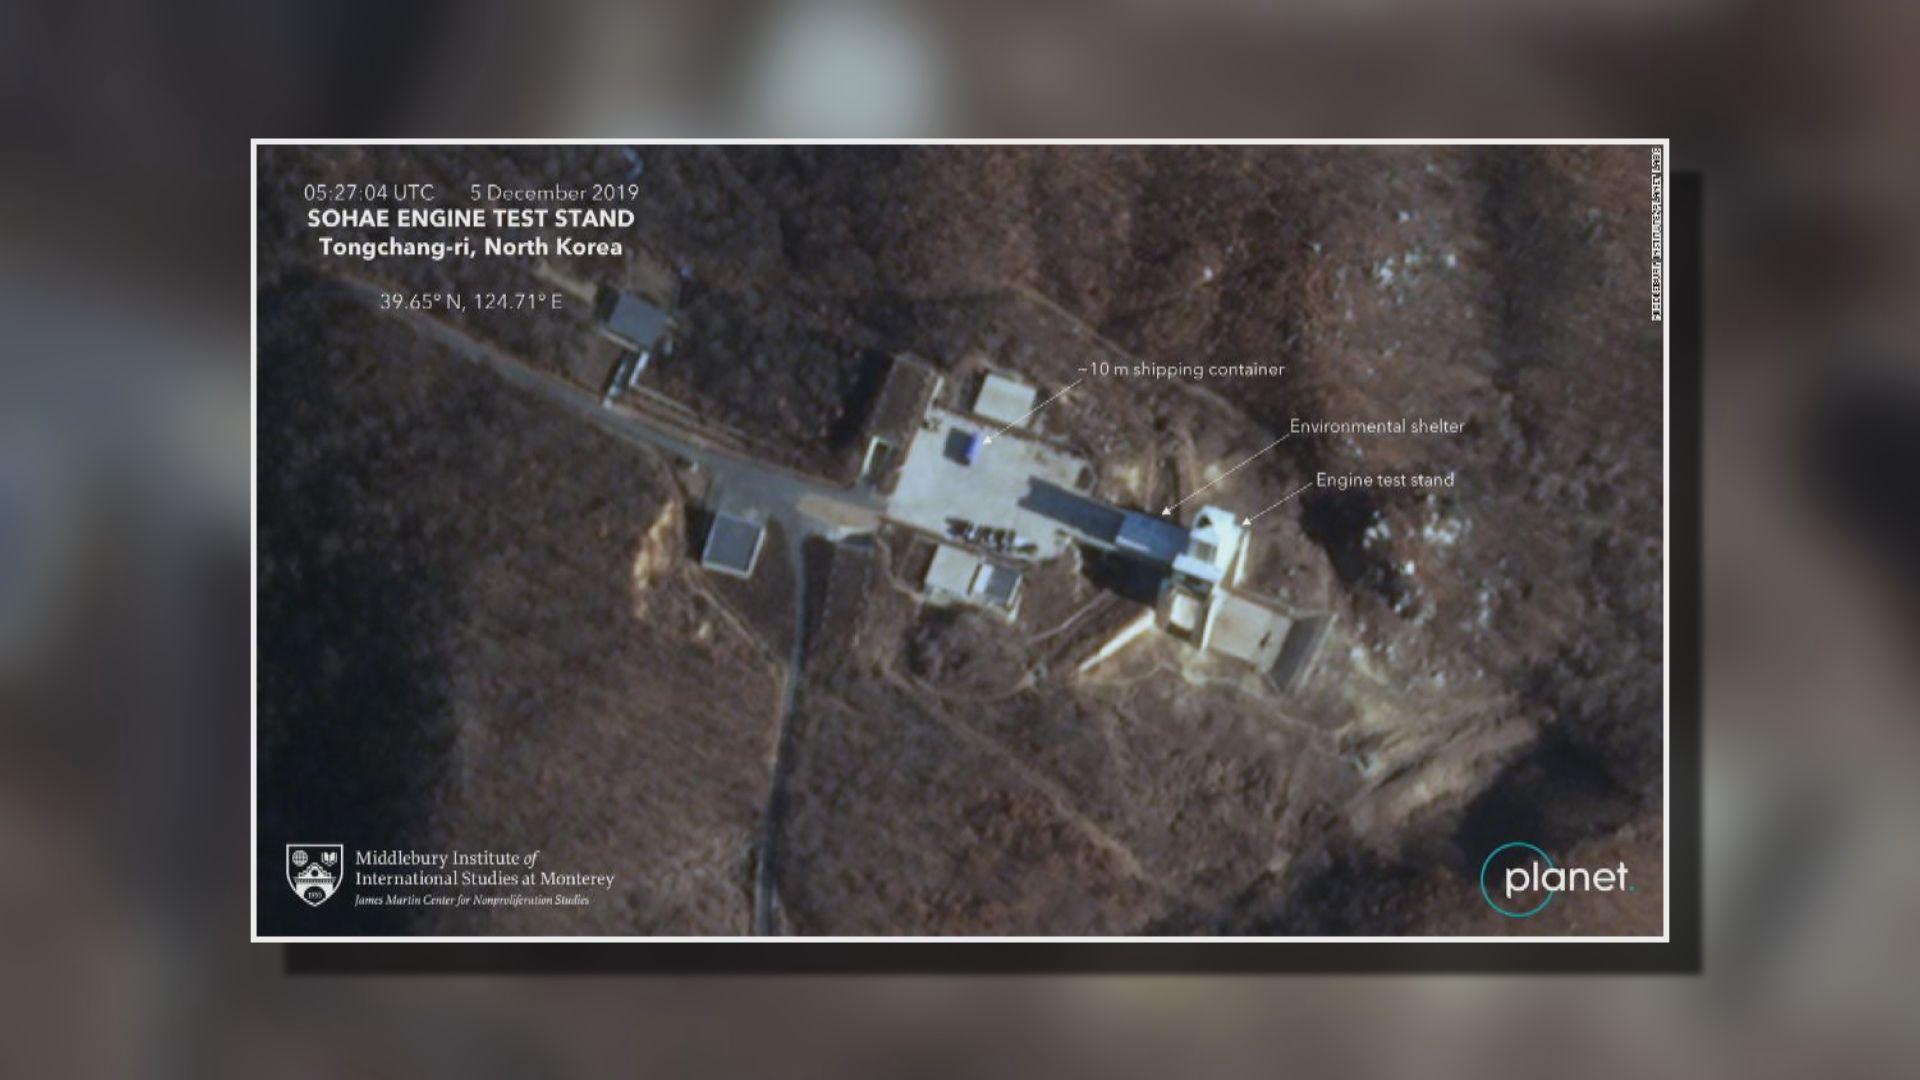 北韓宣布在西海衛星發射場進行重大試驗